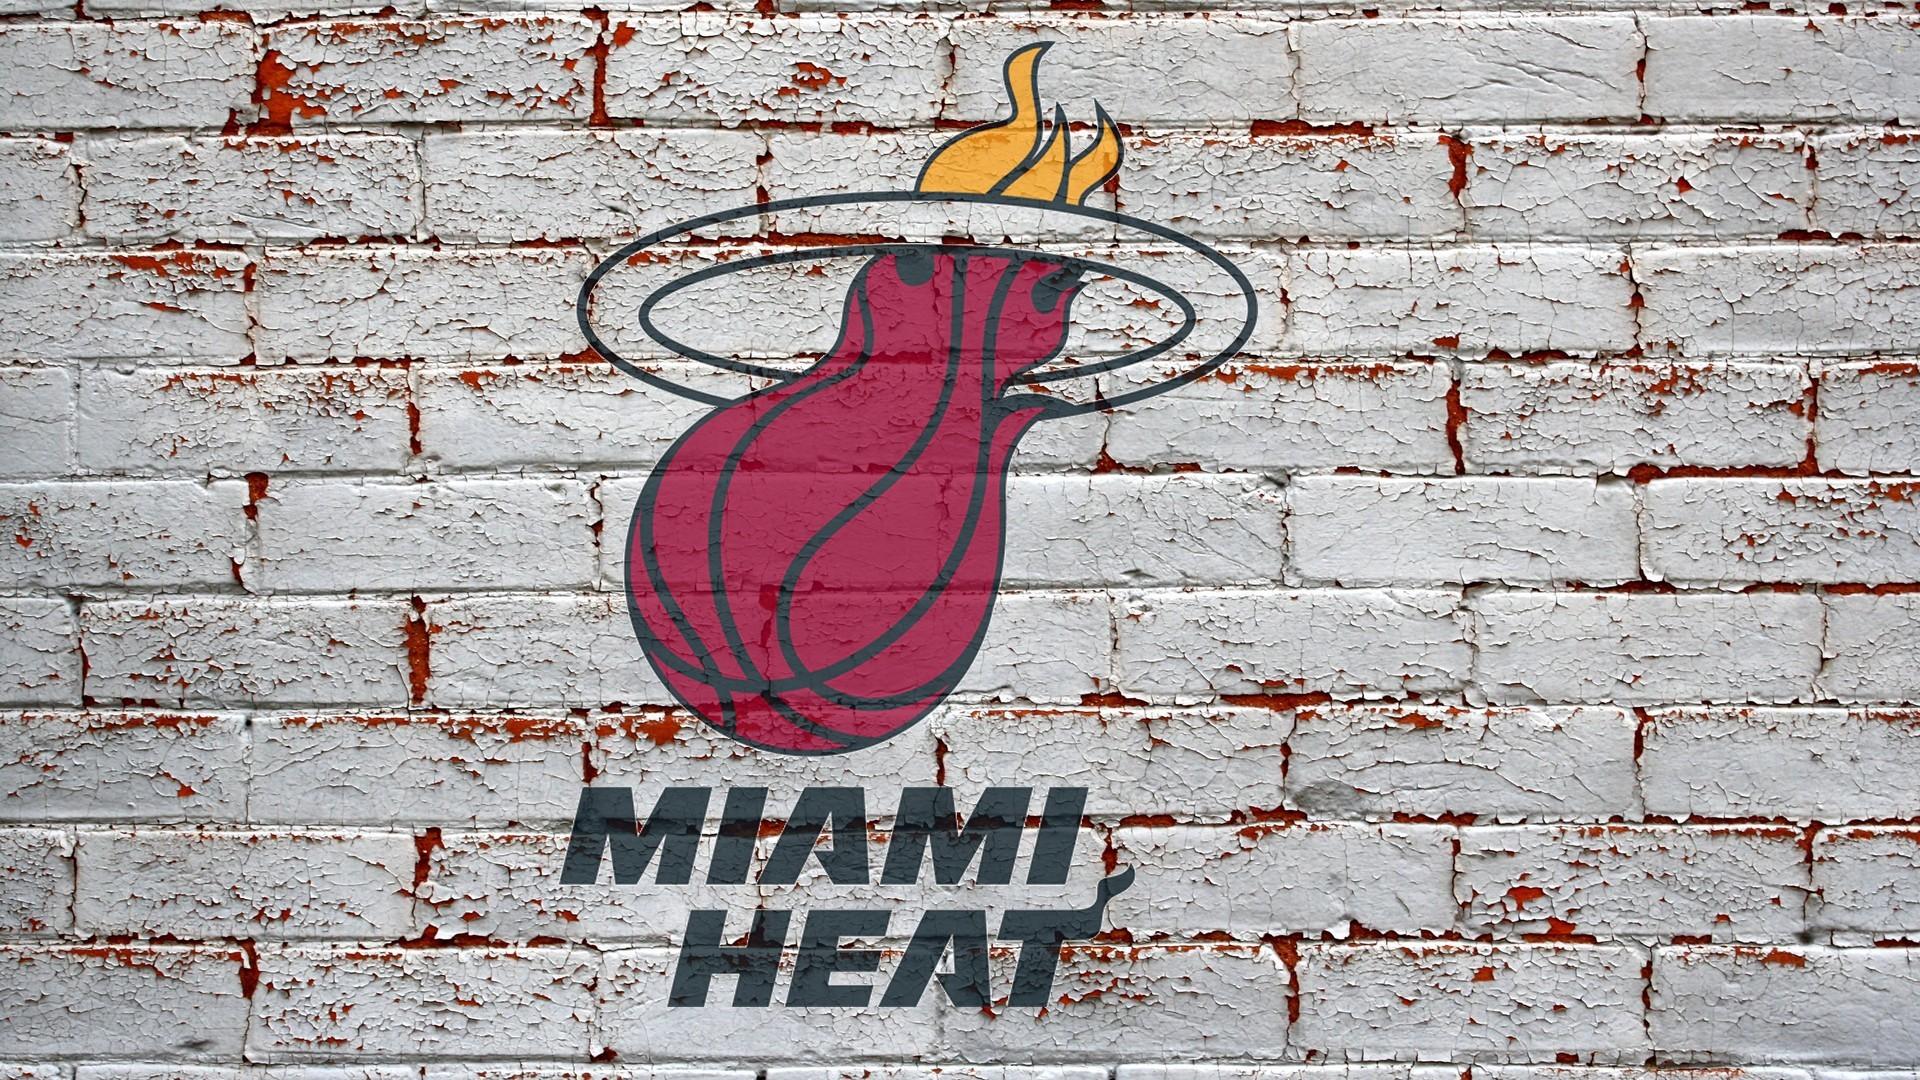 miami heat logo on grey brick wall